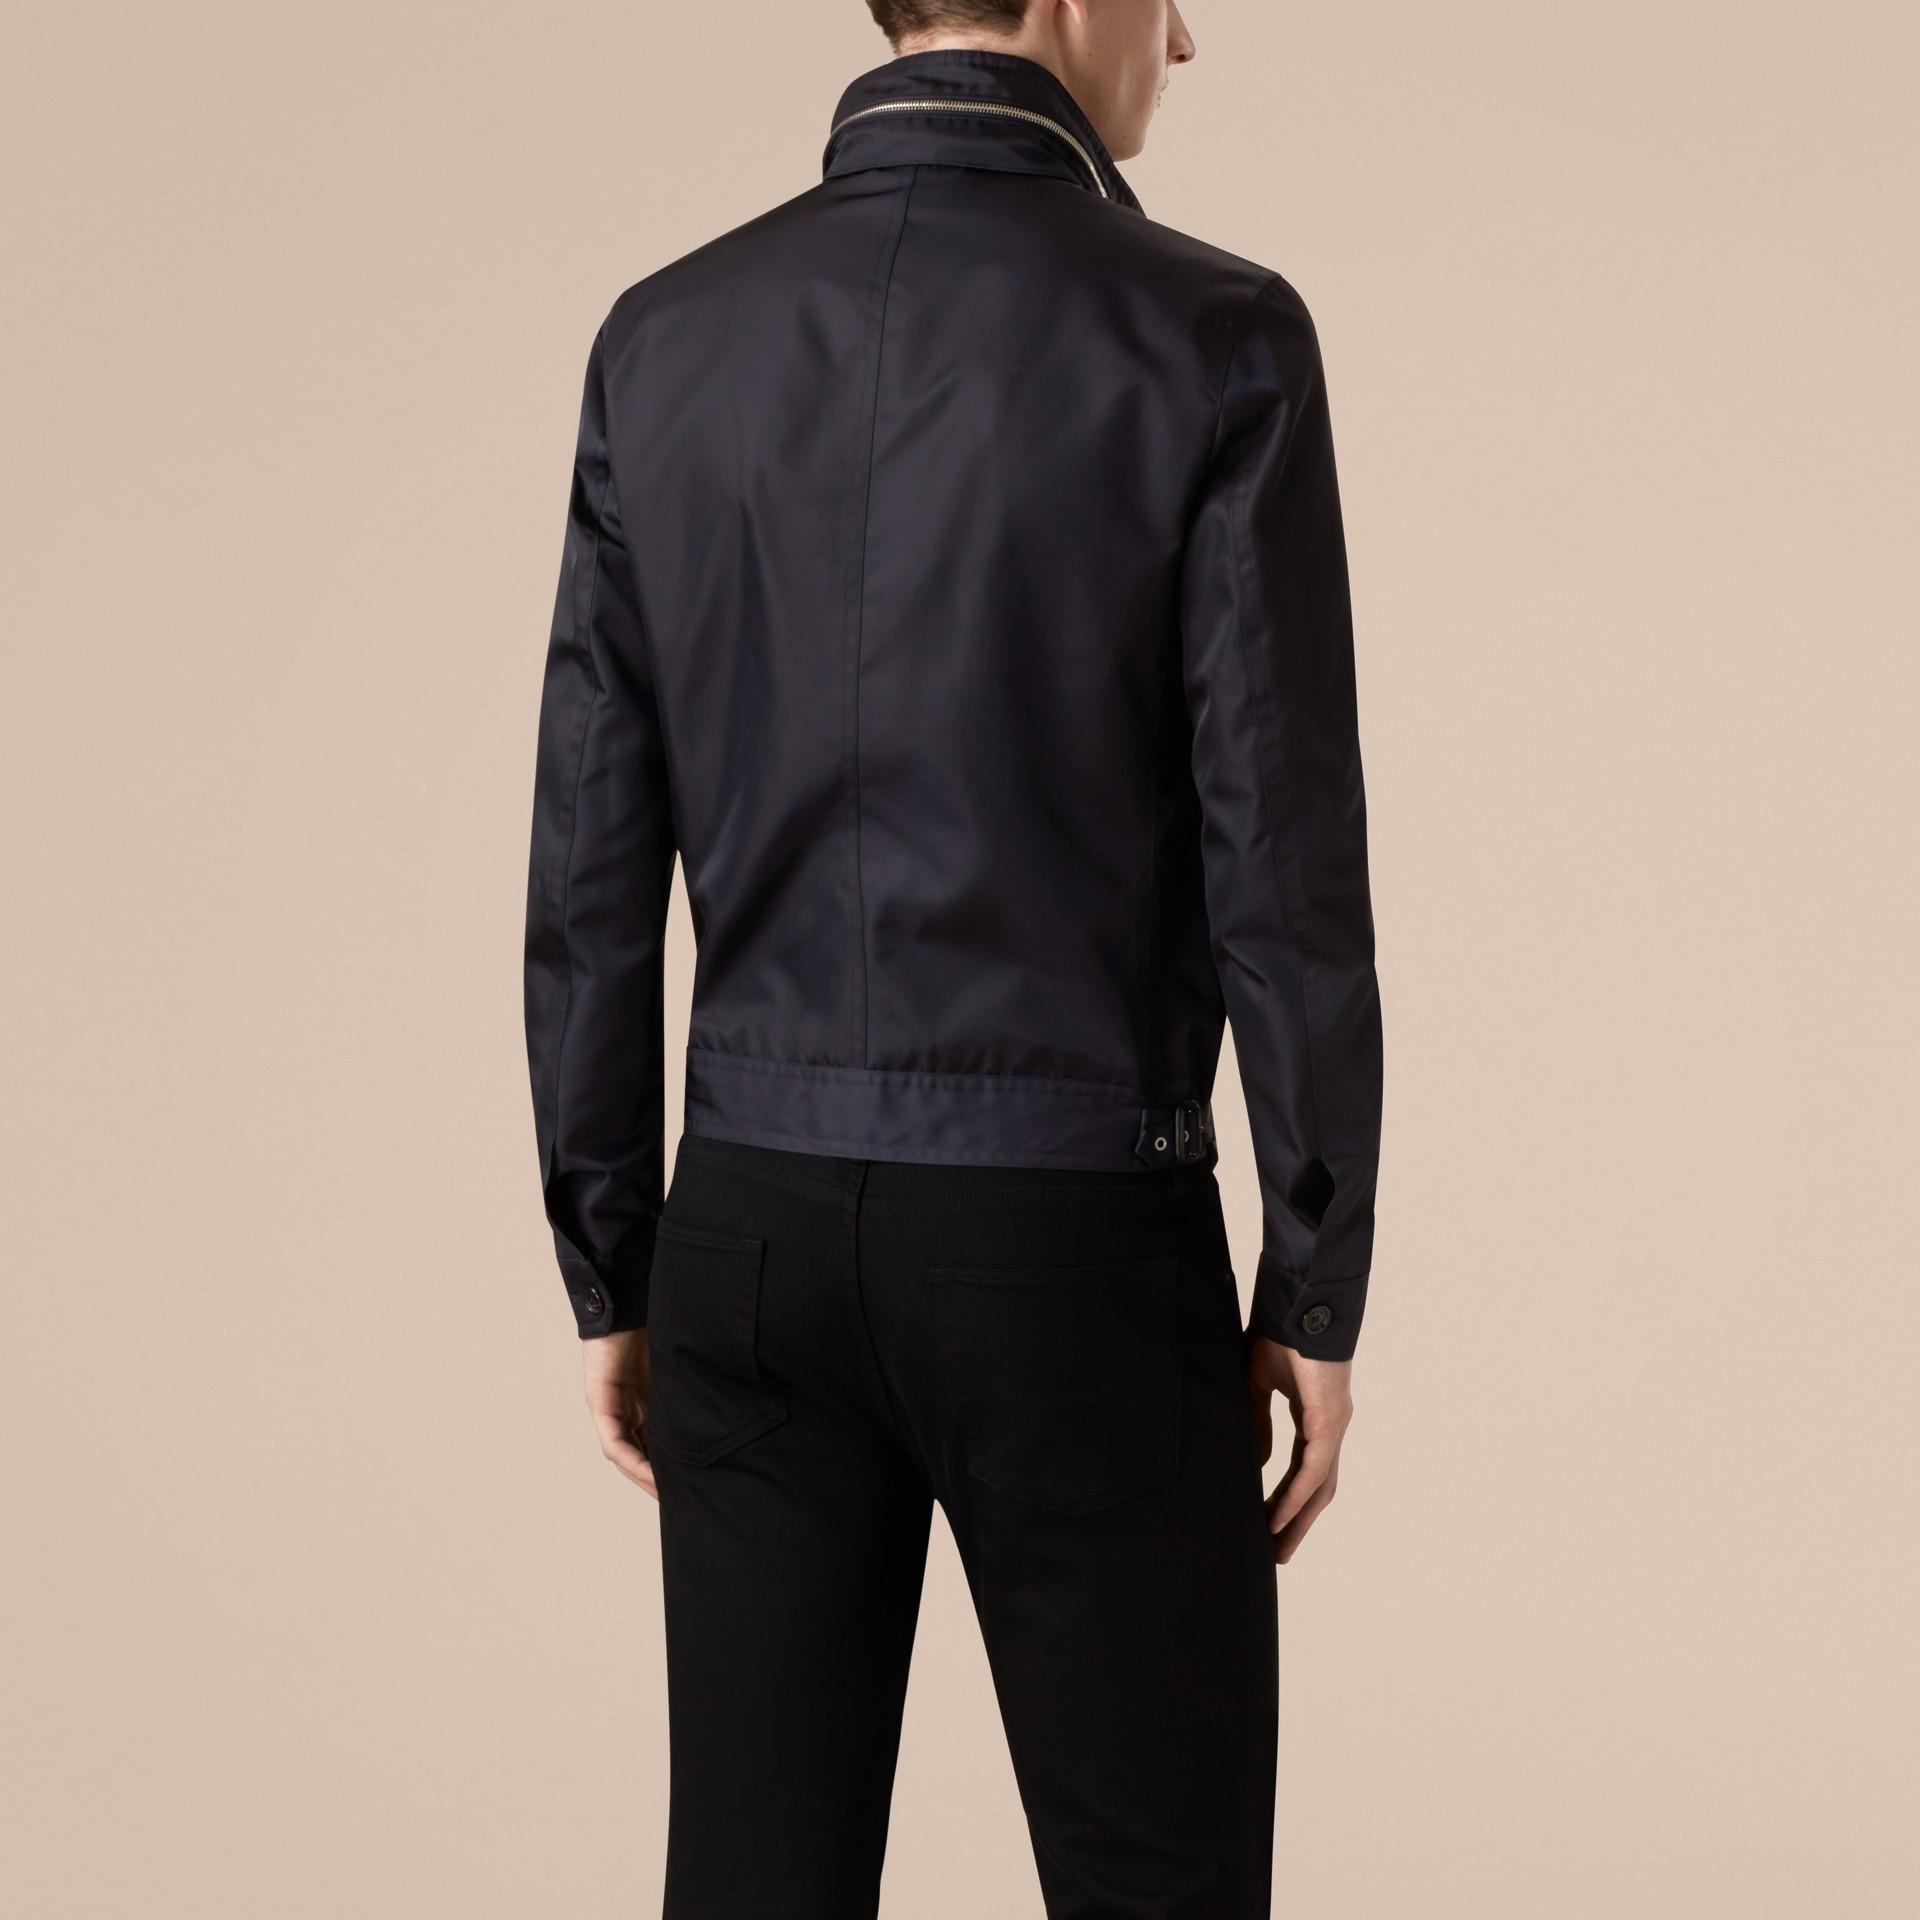 Темно-синий Куртка со складным капюшоном - изображение 3